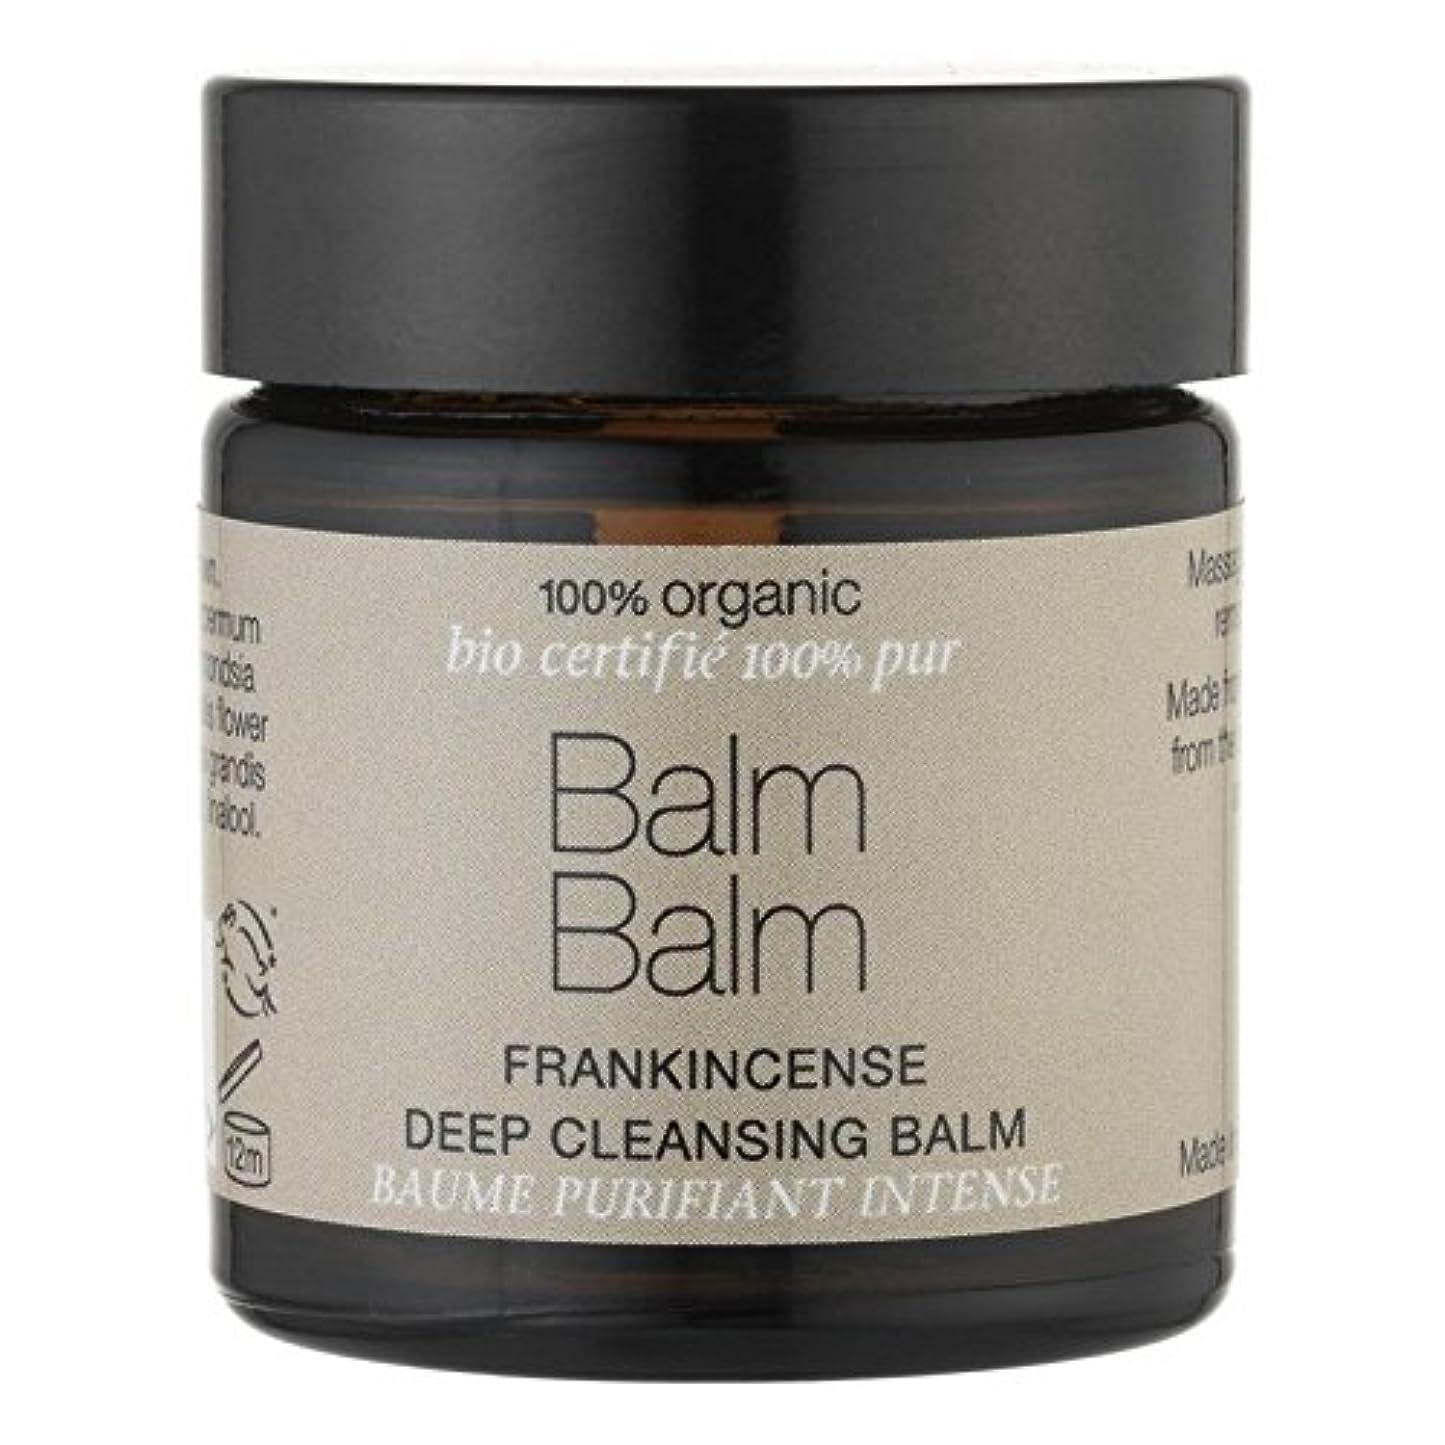 閃光思春期ドールBalm Balm Frankincense Organic Deep Cleansing Balm 30ml (Pack of 6) - バームバーム乳香有機ディープクレンジングクリーム30ミリリットル x6 [並行輸入品]